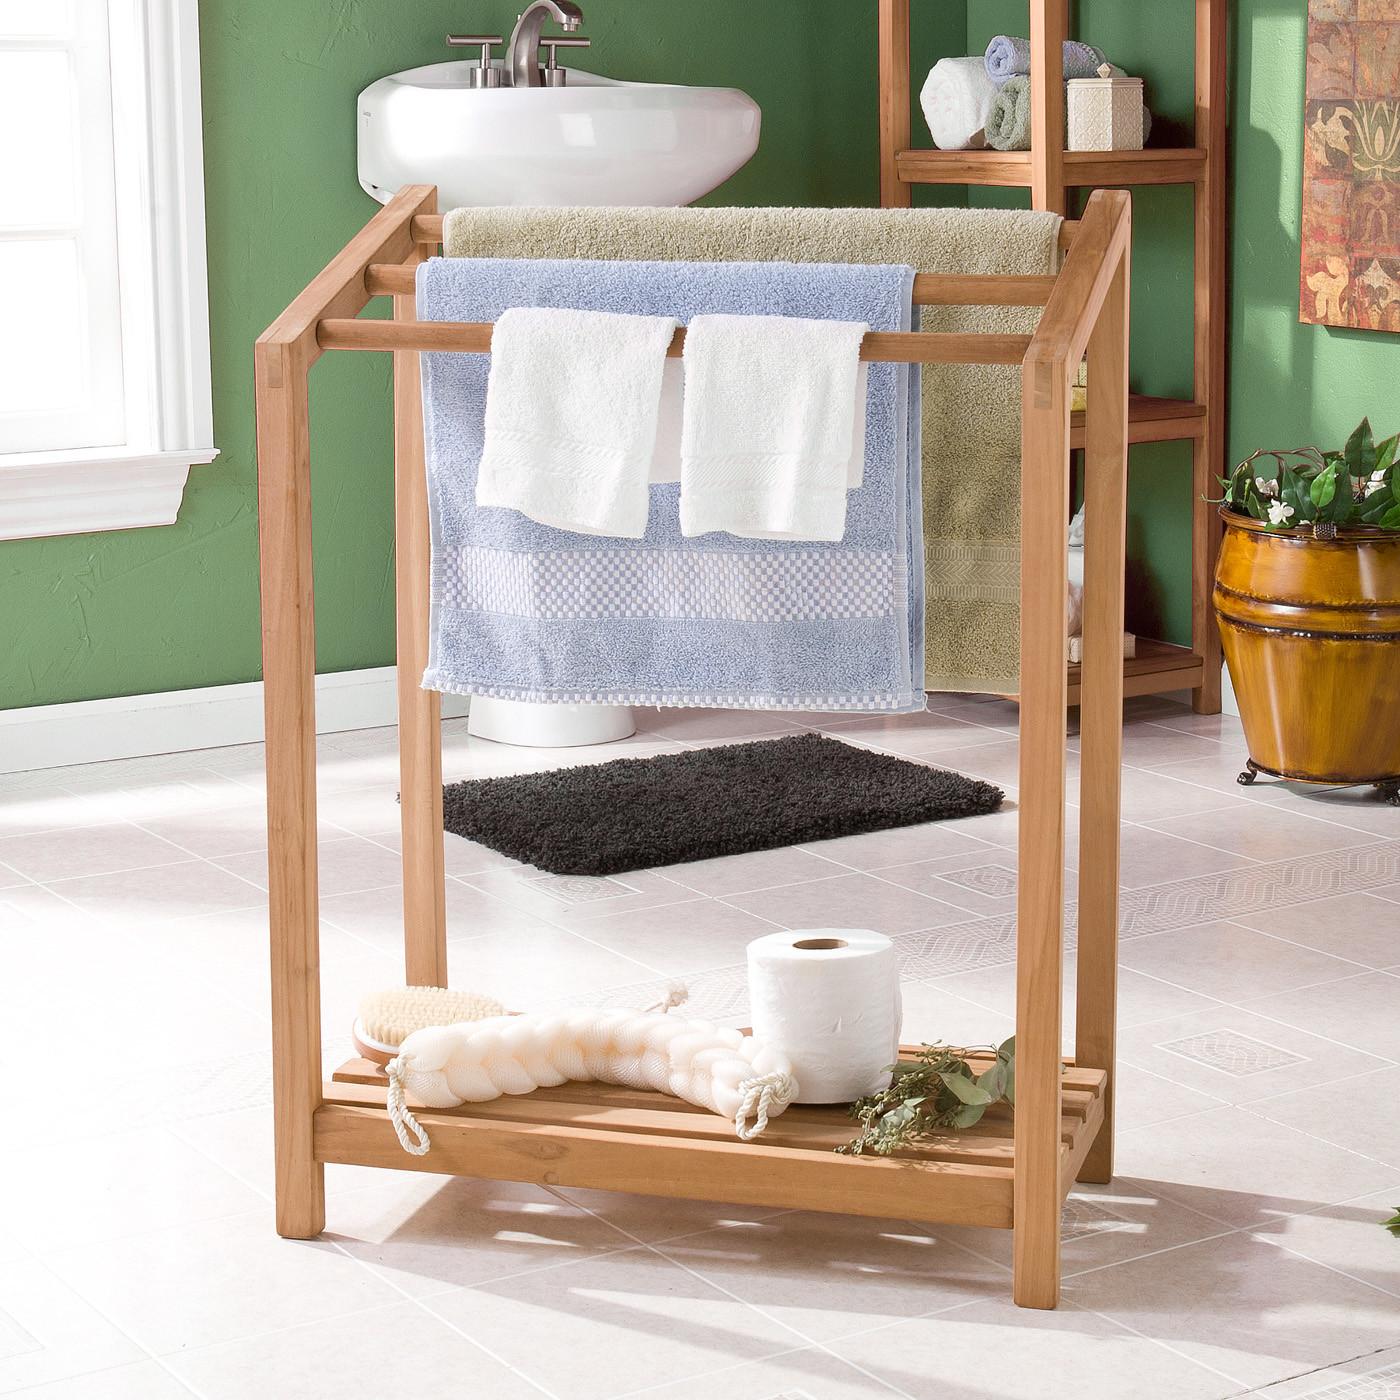 вешалка для полотенец в ванной интерьер идеи